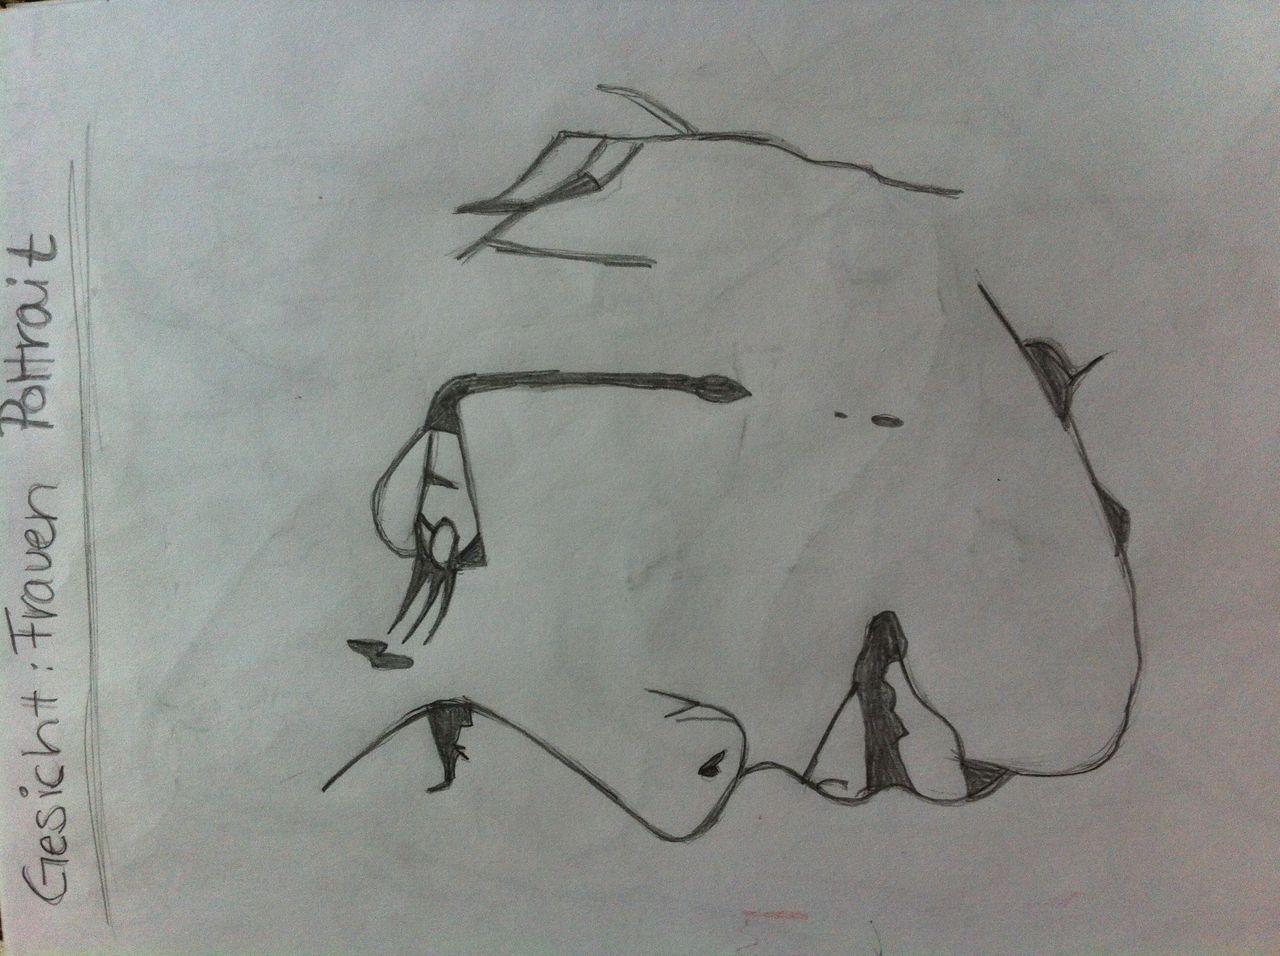 Traurige Bilder Zeichnen Habt Ihr Ideen Was Ich Zeichnen Kann Anime